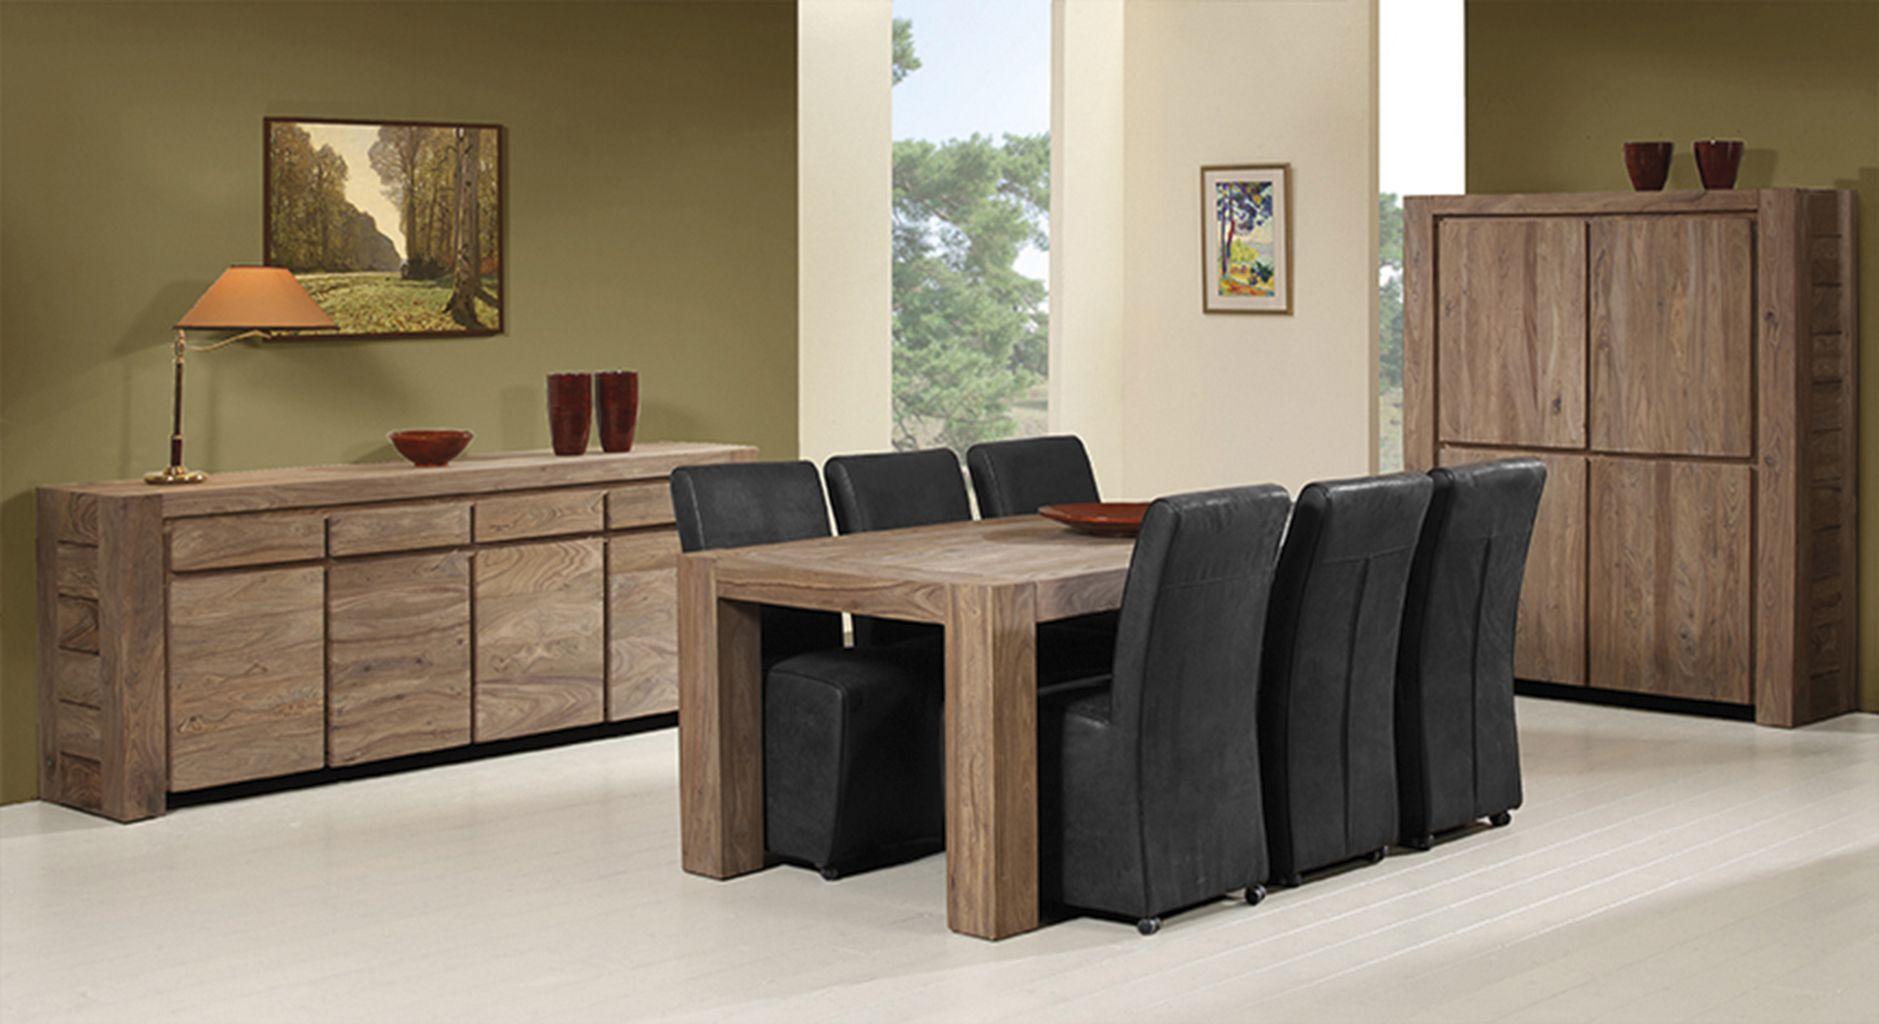 Carbone eetkamer weba meubelen gent en deinze oost for Webshop meubels